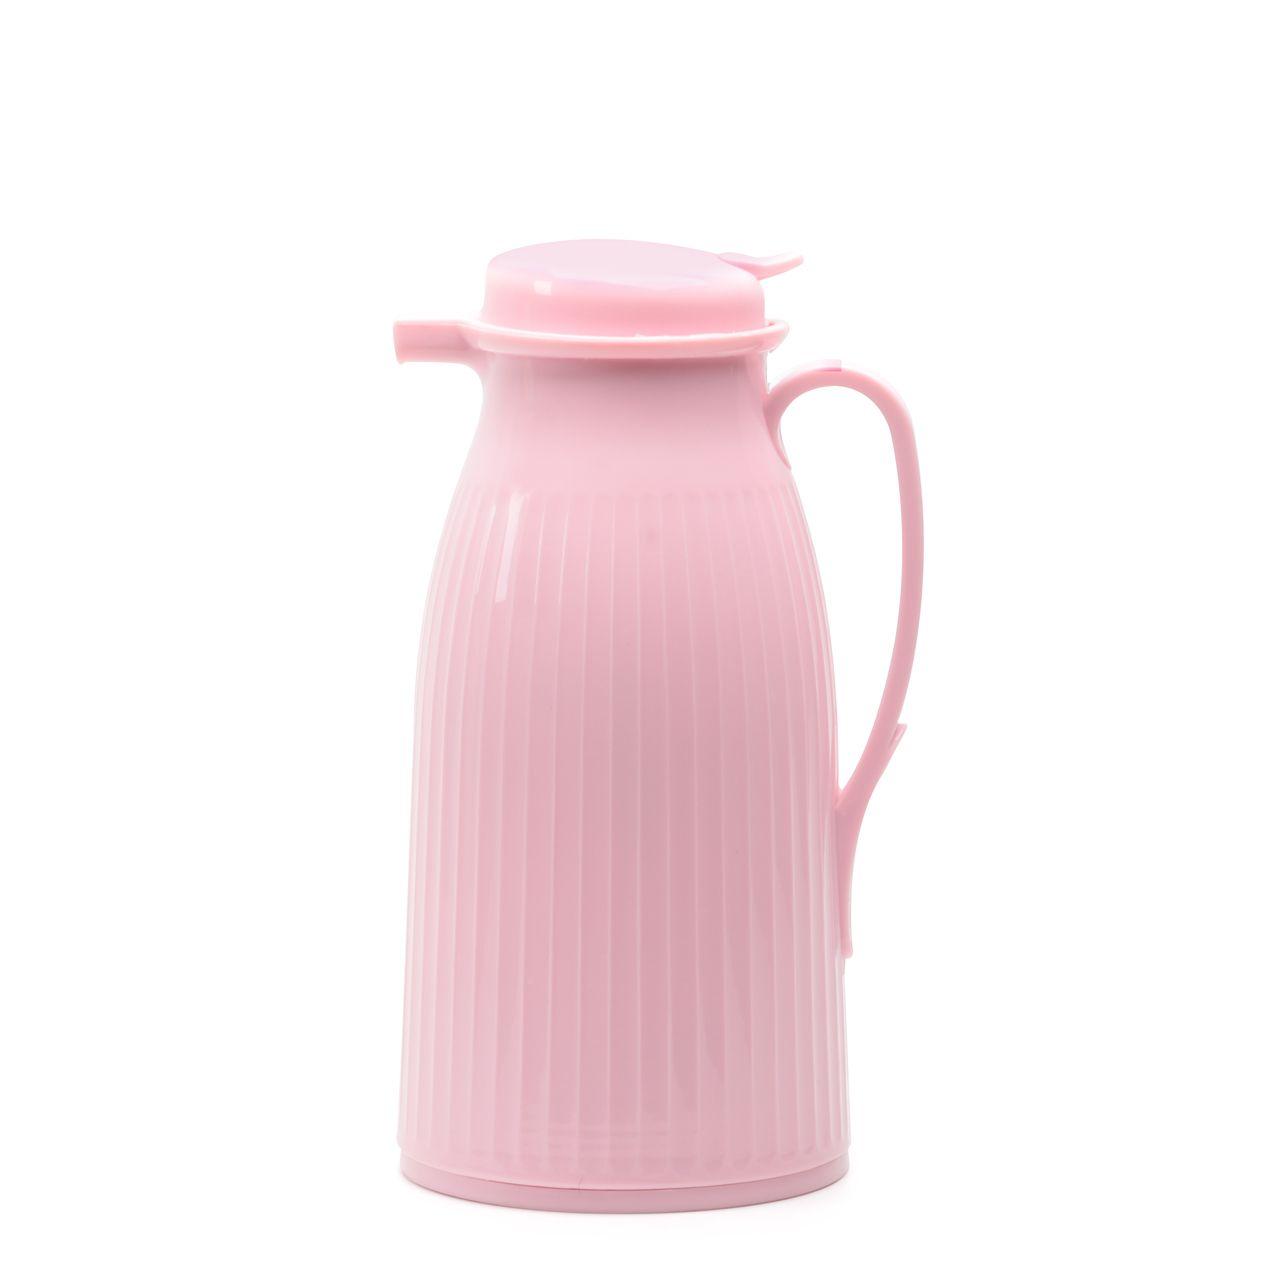 Garrafa Termica Rosa Candy Color 1L